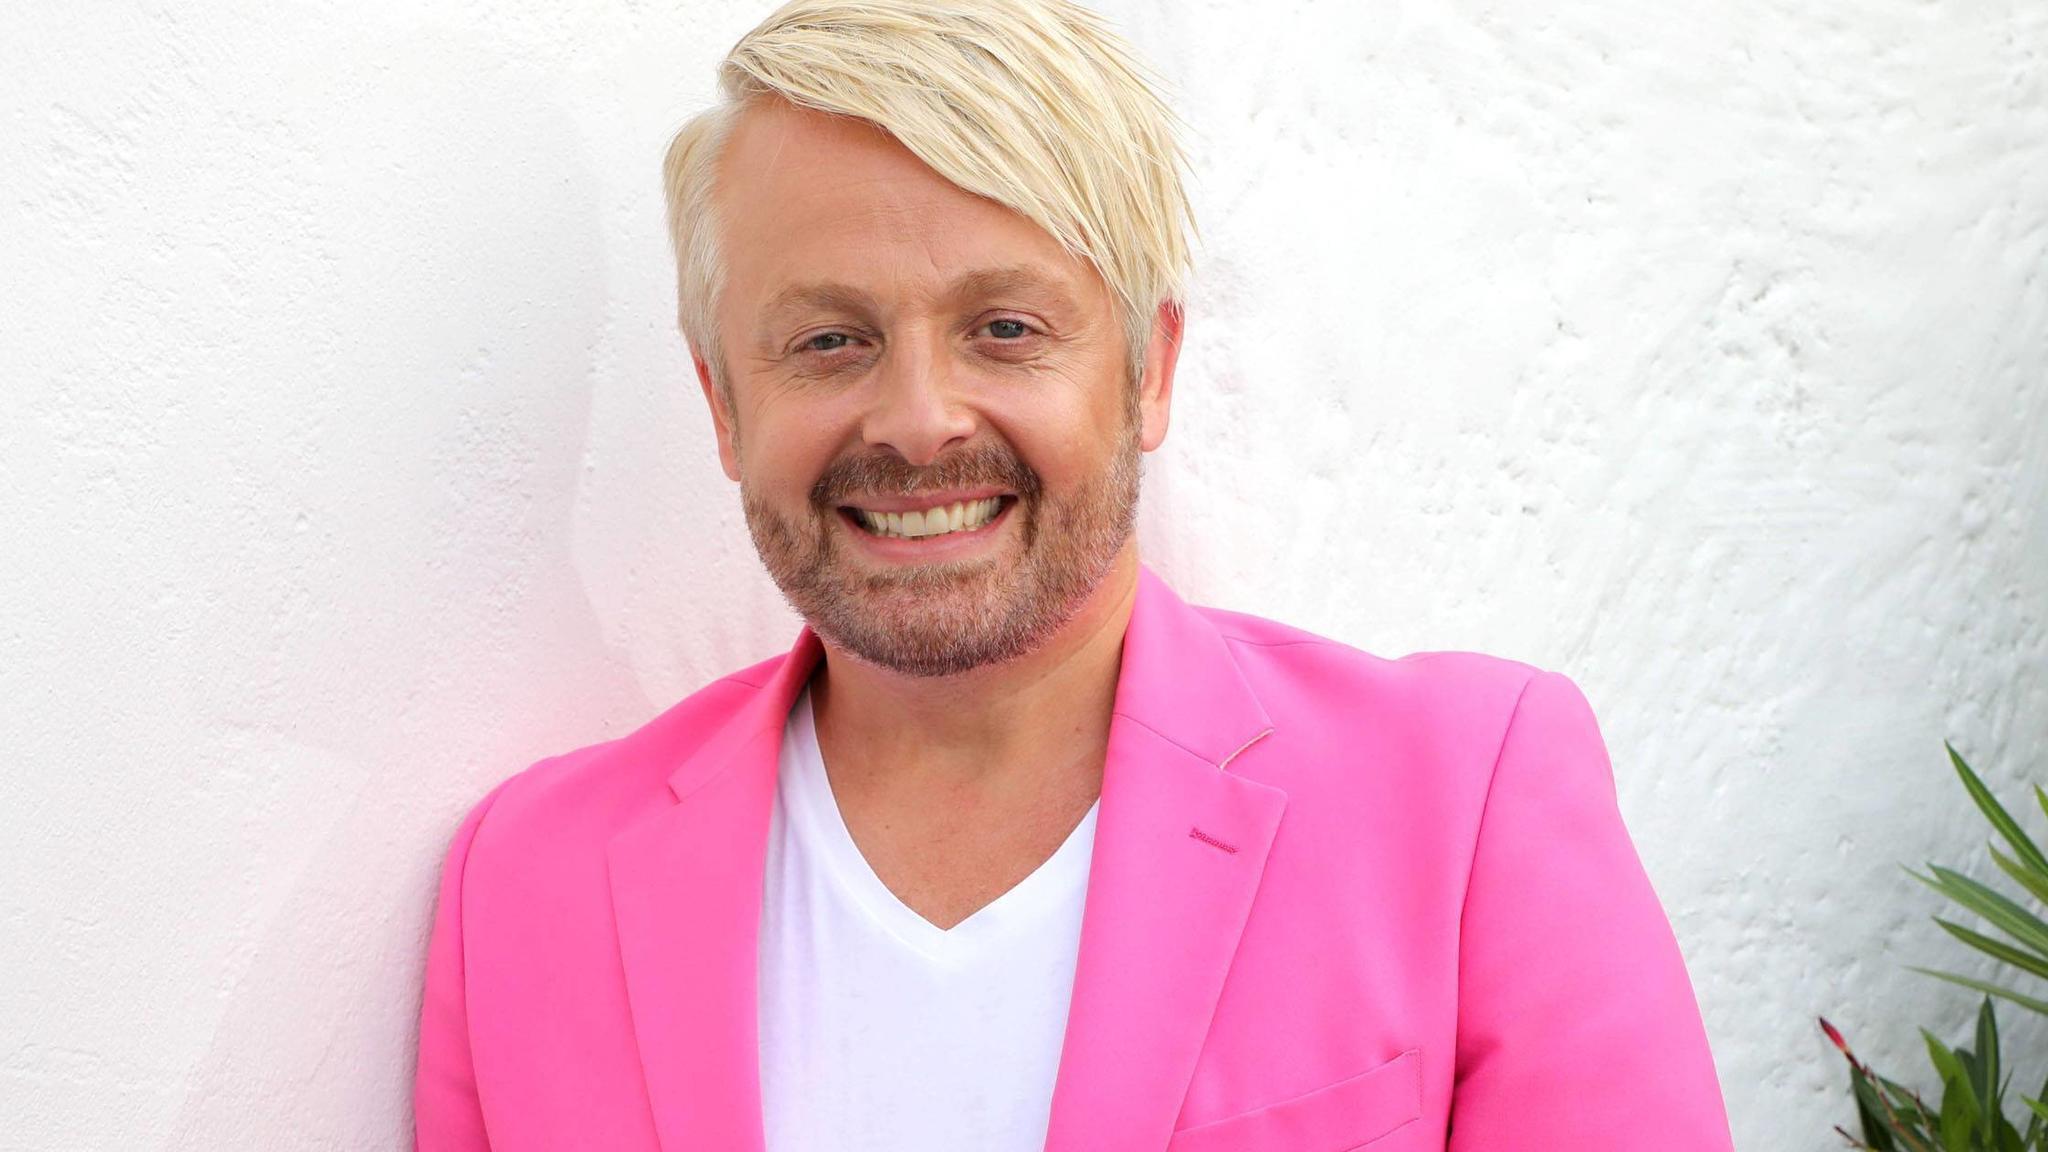 Ross Antony: Mit dieser neuen Frisur sieht er aus wie ein Kelly-Family-Mitglied - VIP.de, Star News